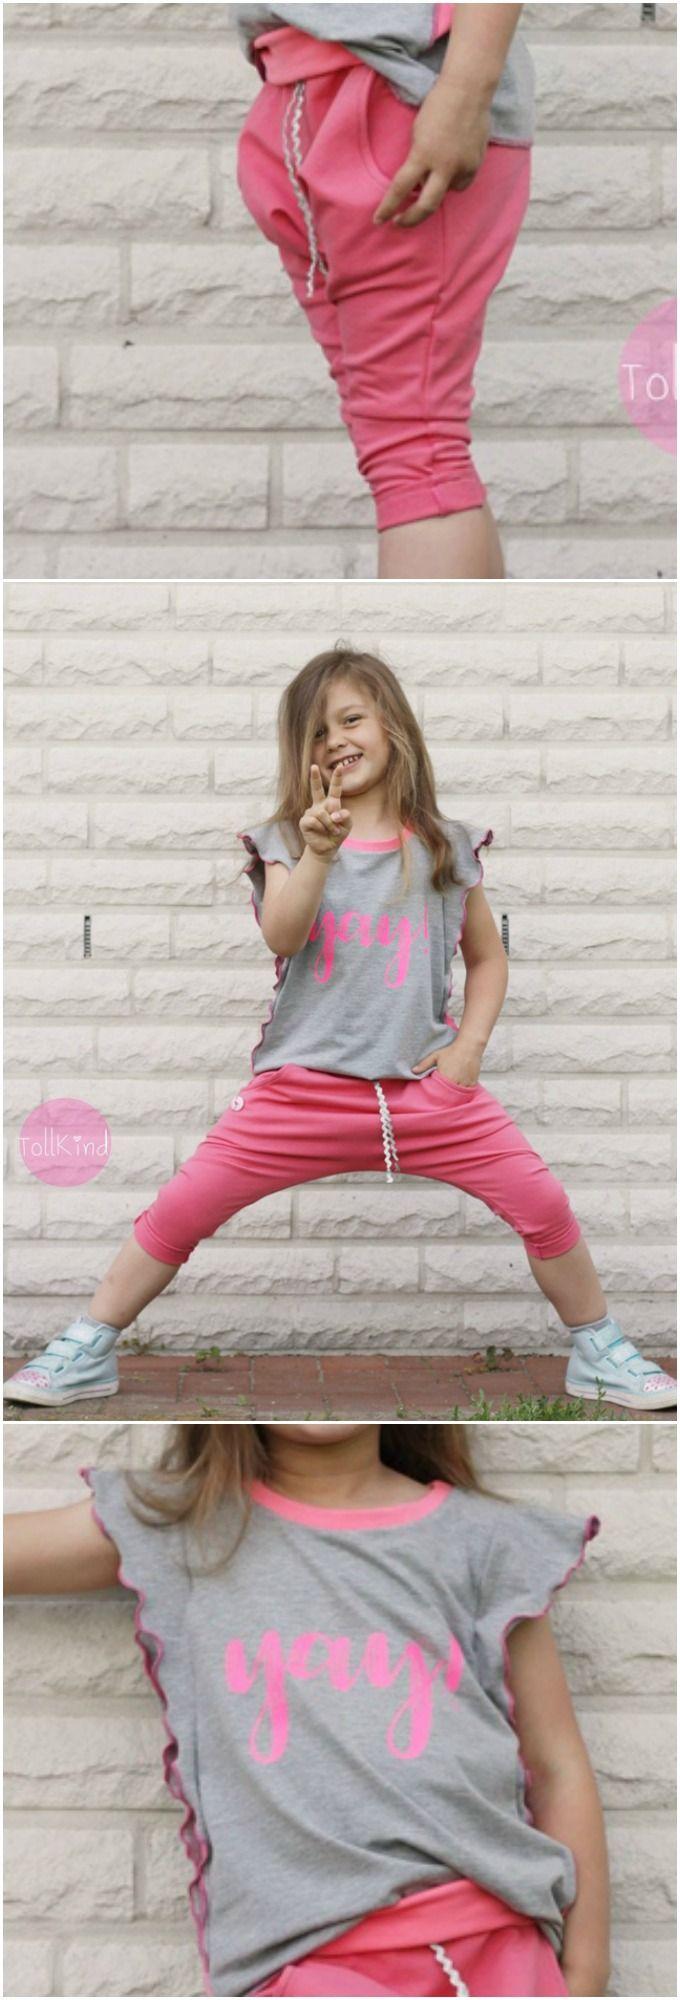 Der Sommer kann kommen mit diesem süßen Outfit! ♥ Genäht mit Stoffen von Stoffkontor von der lieben Sabrina von Tollkind.